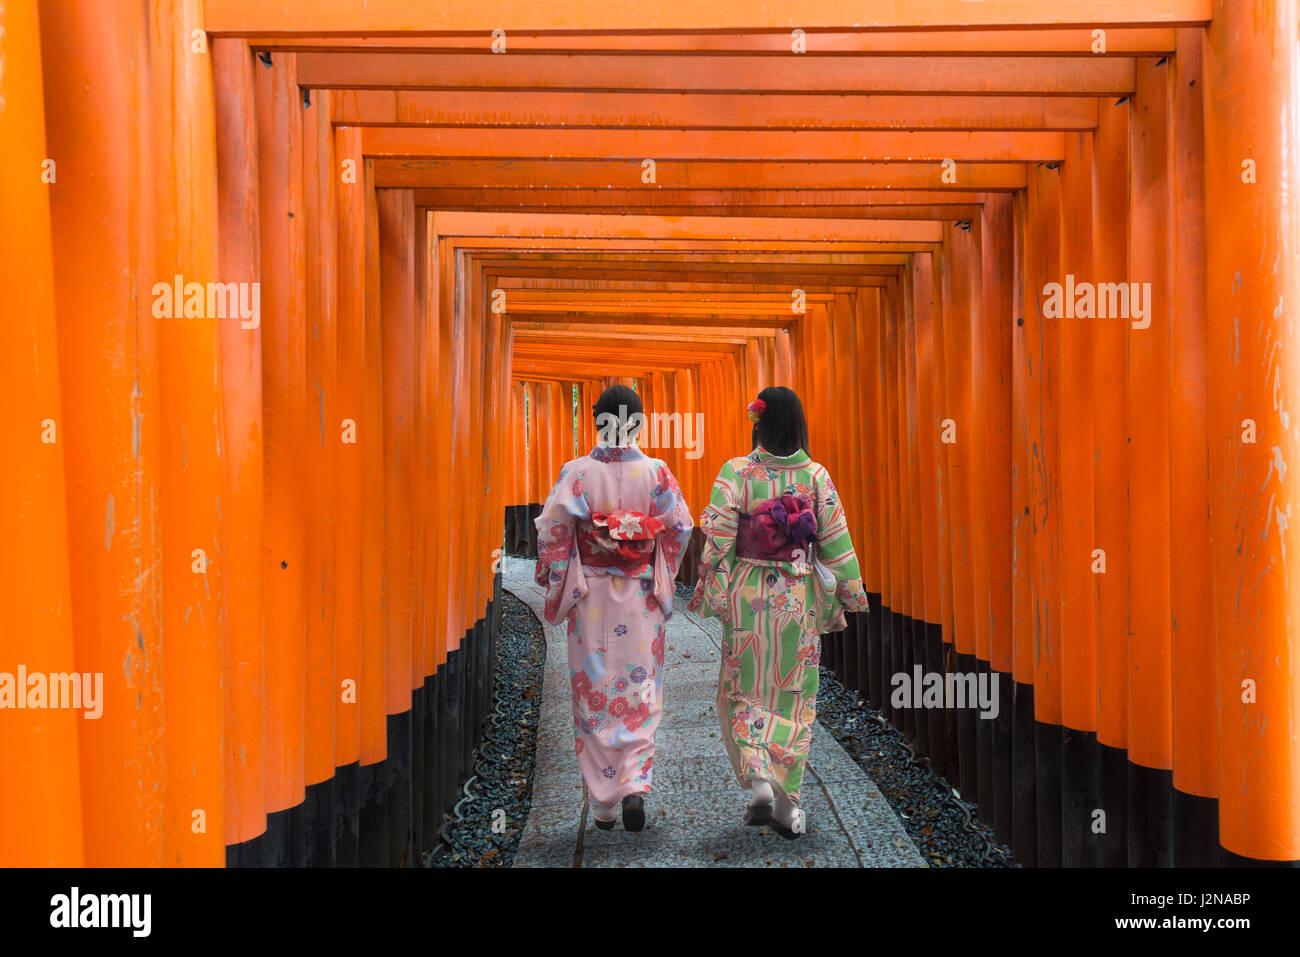 Dos geishas entre madera roja en Fushimi Inari Tori Gate santuario en Kyoto, Japón. Las mujeres vestidas con Imagen De Stock